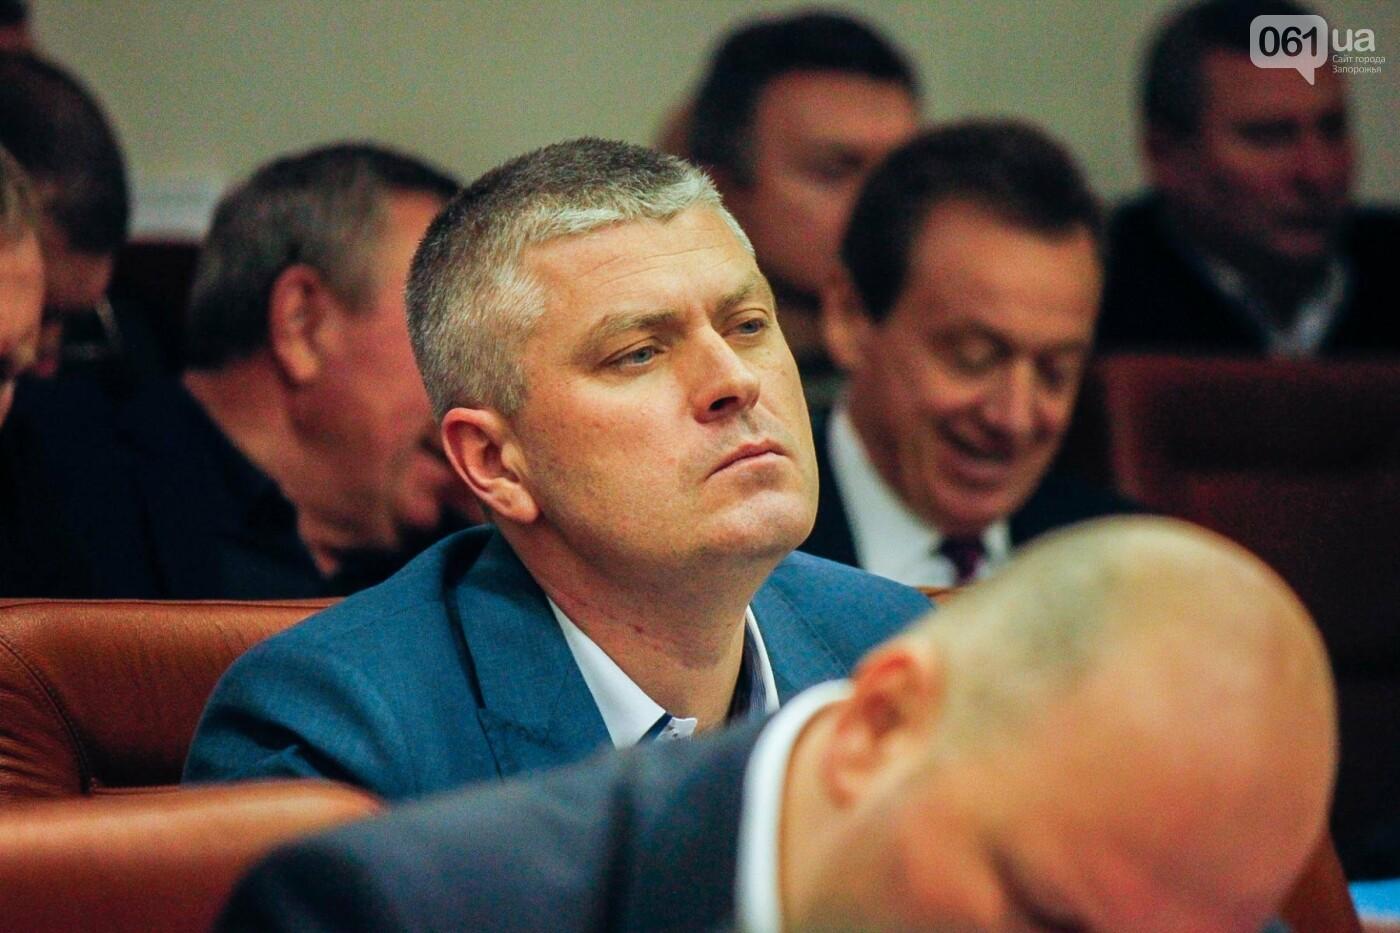 Сессия запорожского горсовета в лицах, - ФОТОРЕПОРТАЖ, фото-37